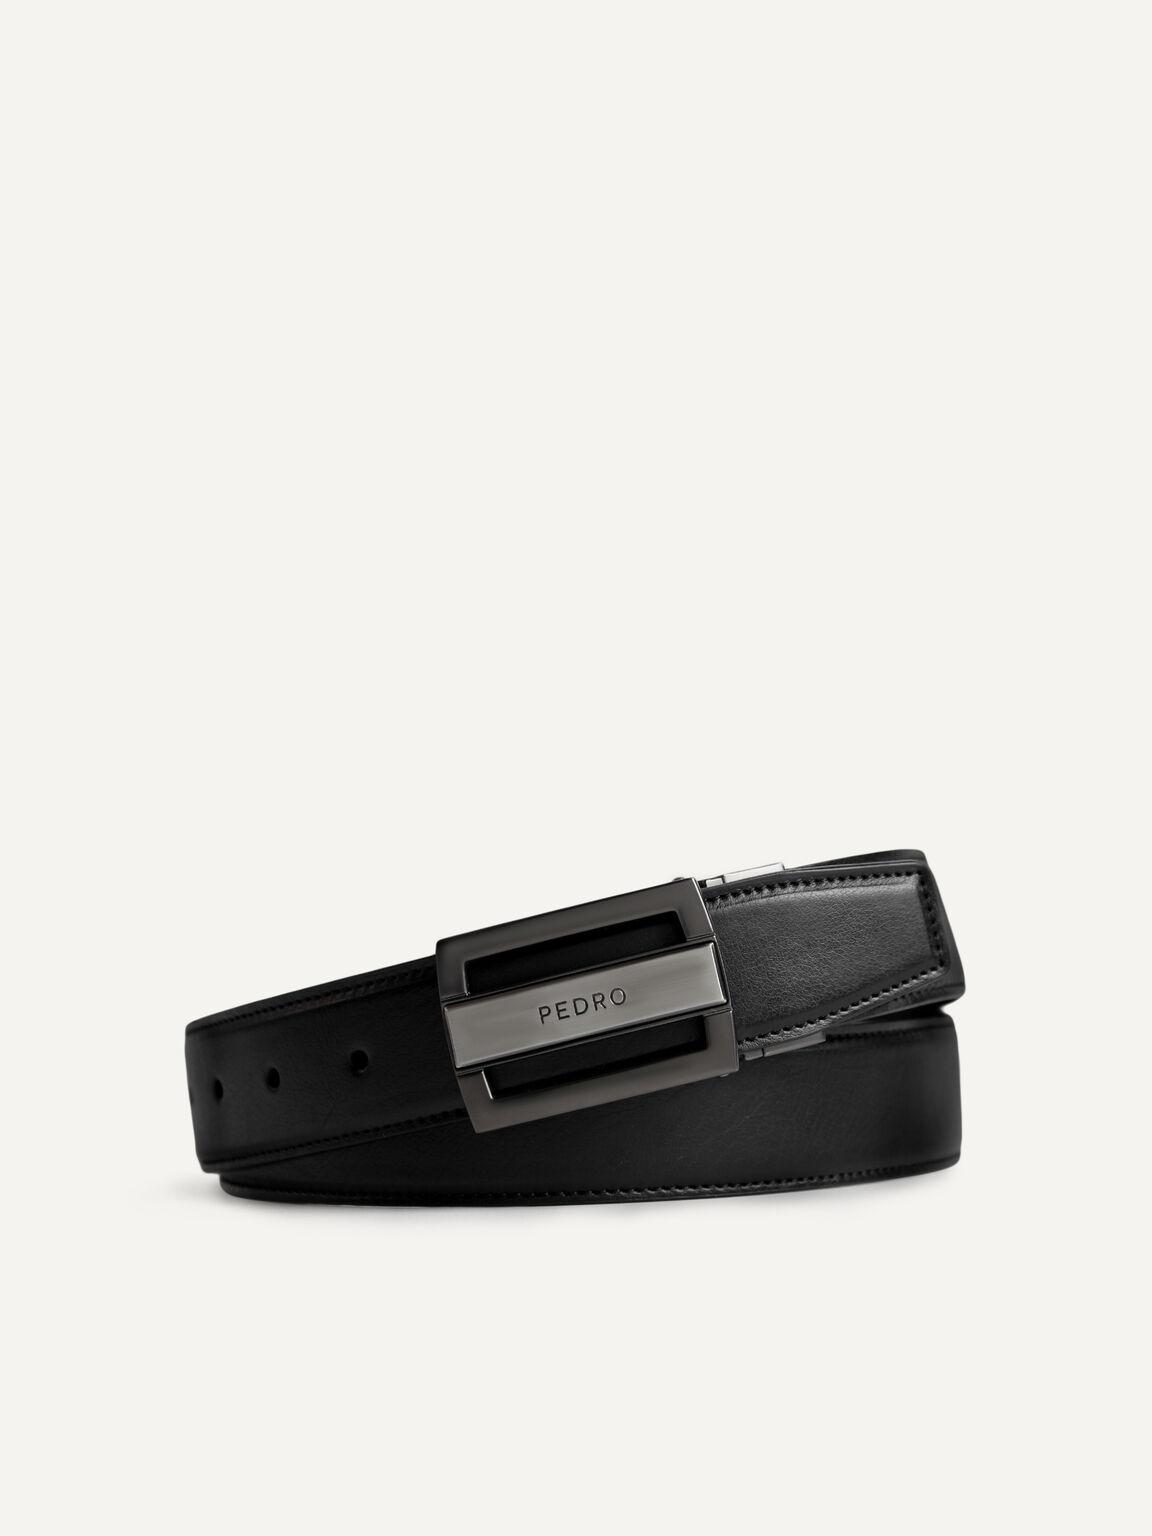 織紋雙面扣皮帶, 黑色, hi-res